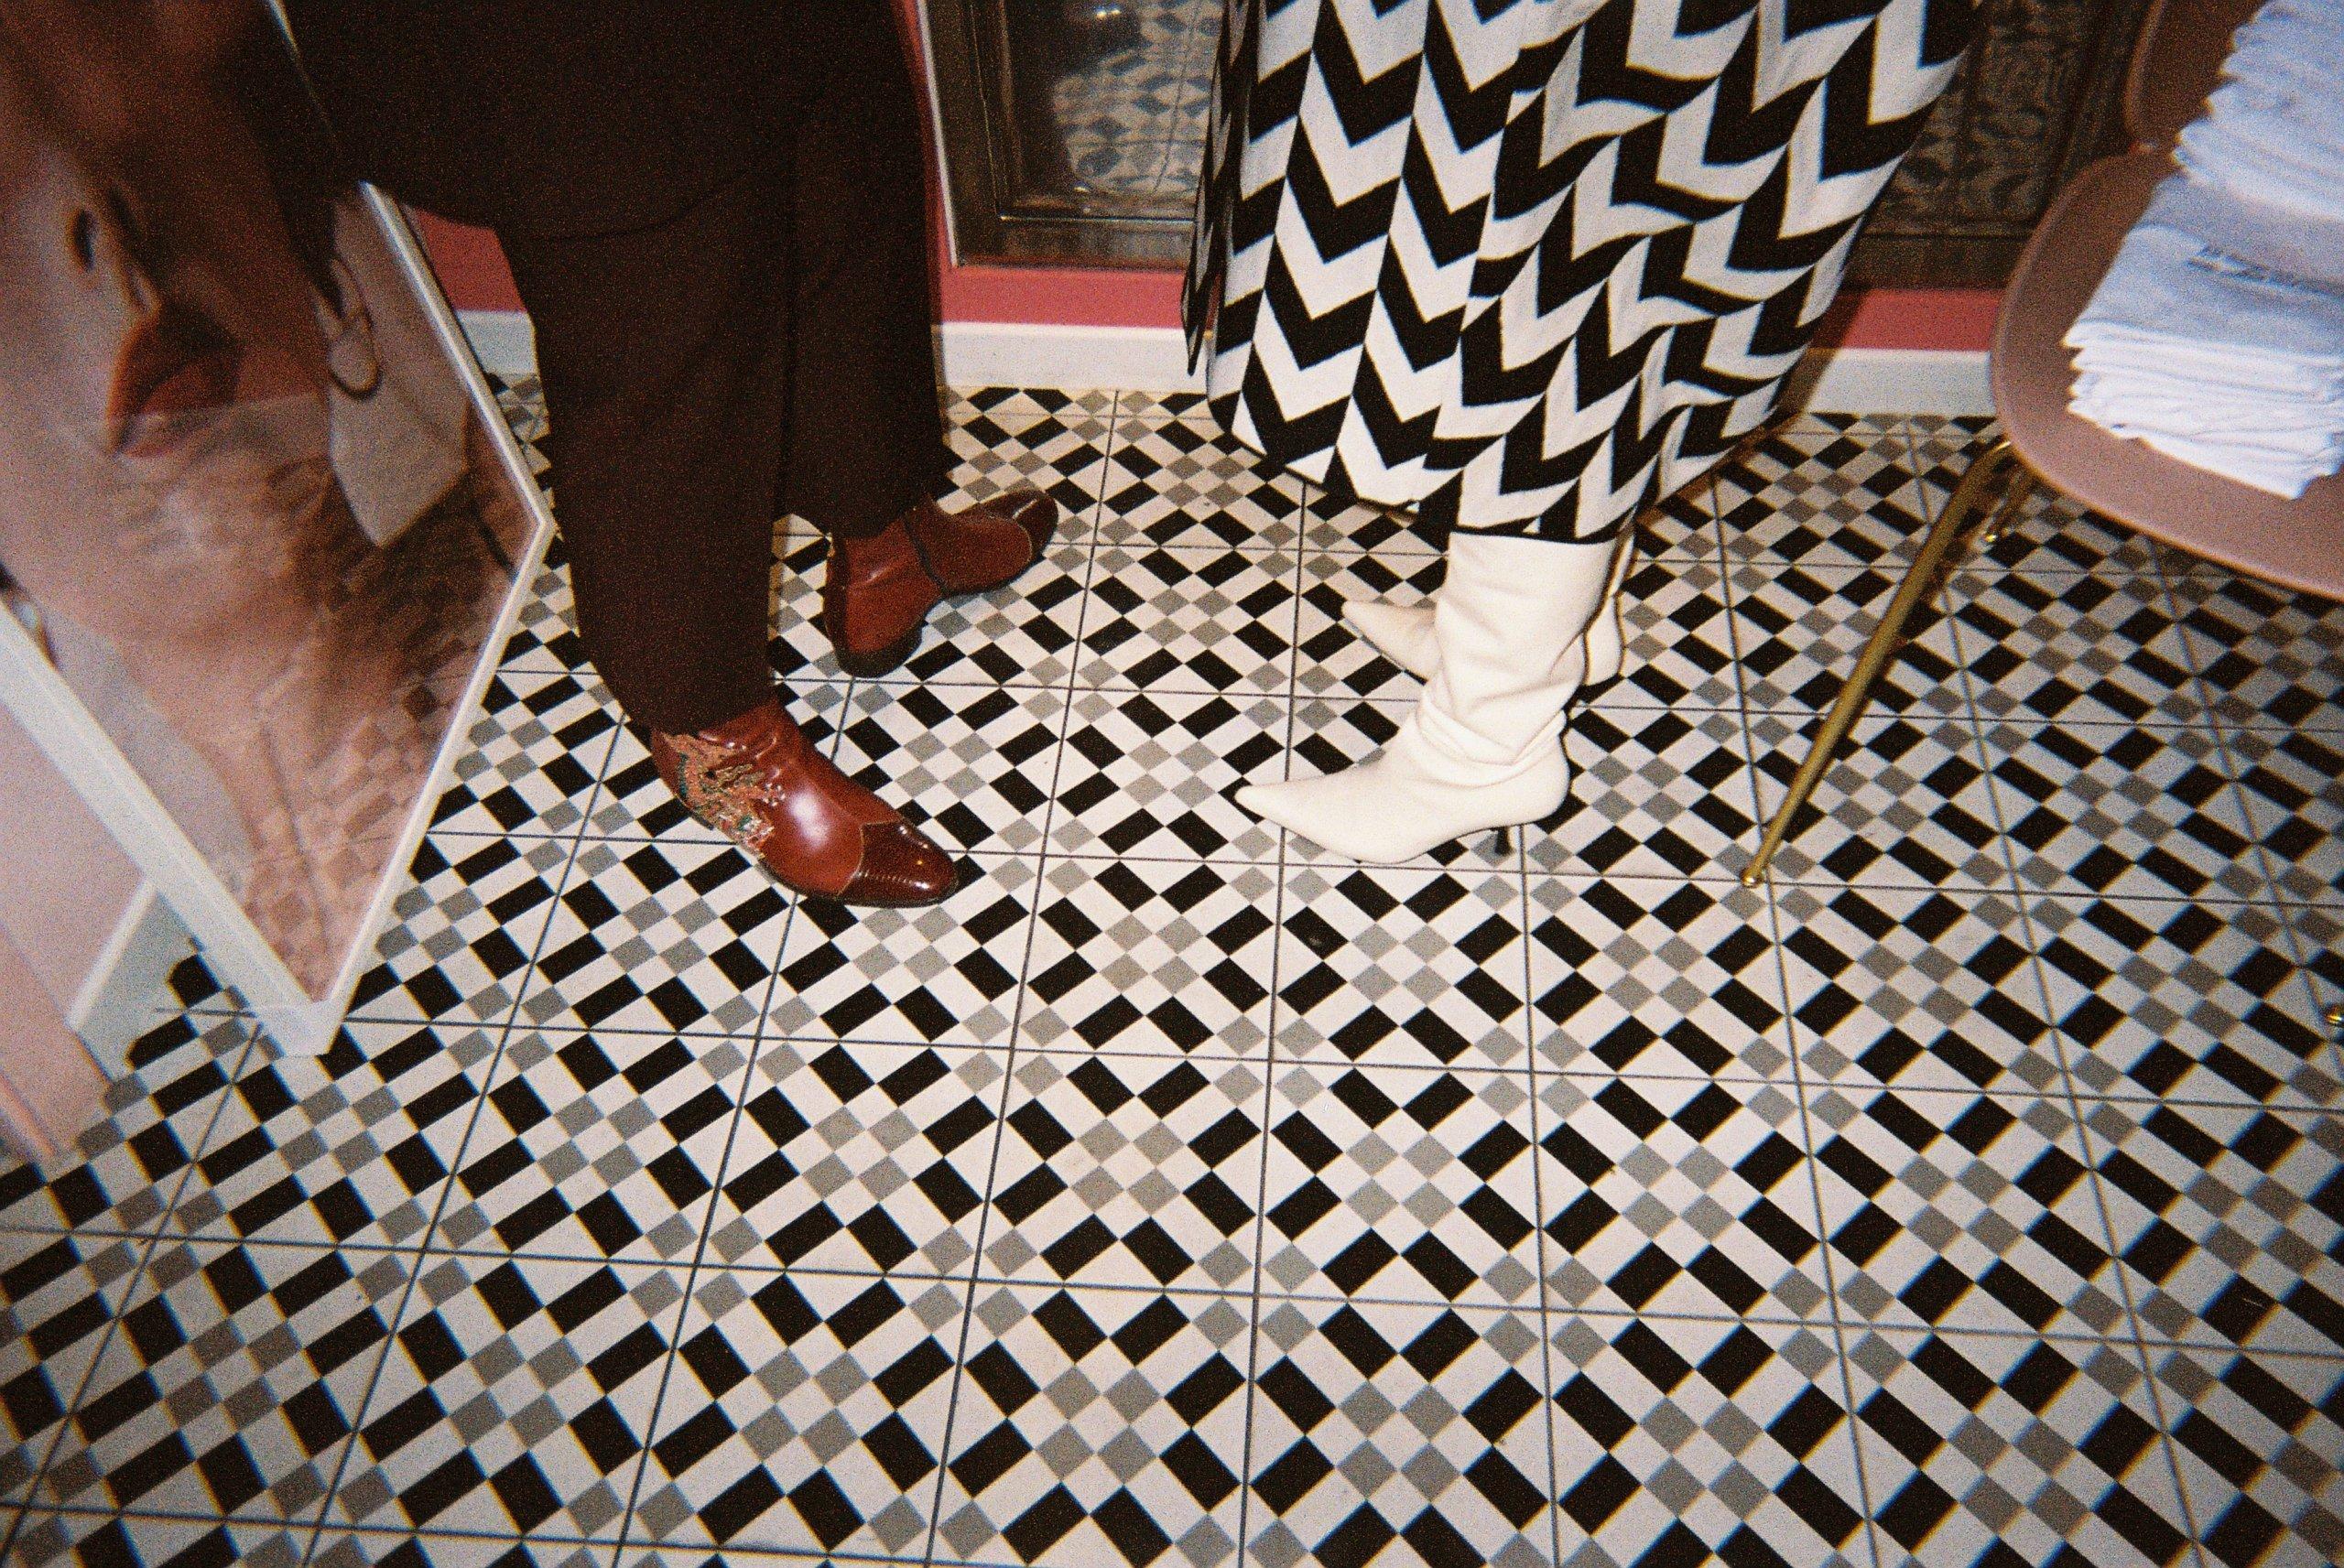 BH-fashion_masha-nova--GLF4i6CSDA-unsplash